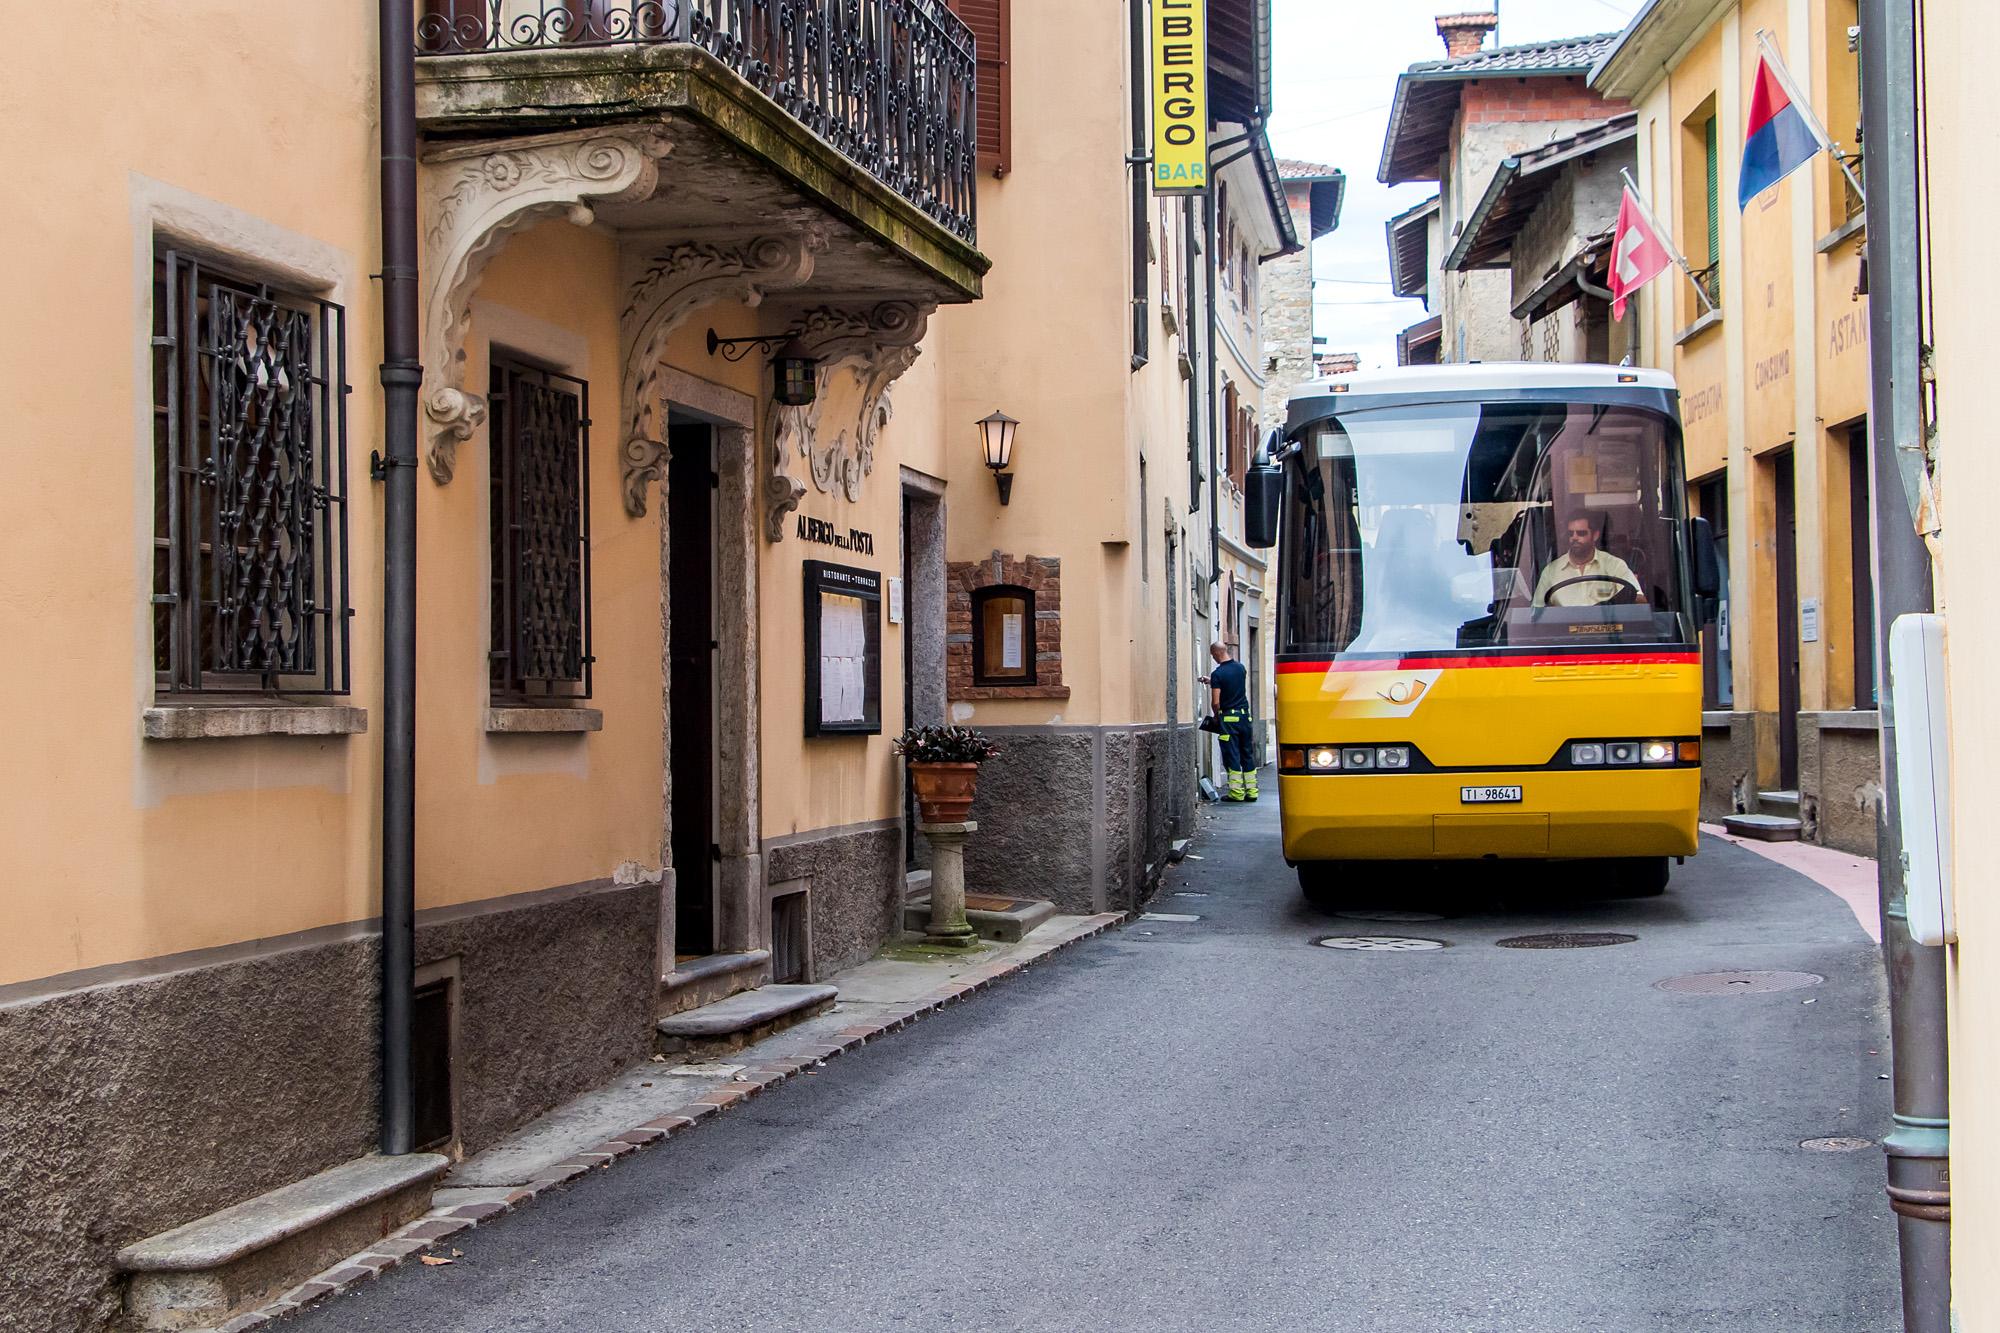 Bei der Durchfahrt von Astano, TI, bleibt dem Postauto nicht viel Platz :-)